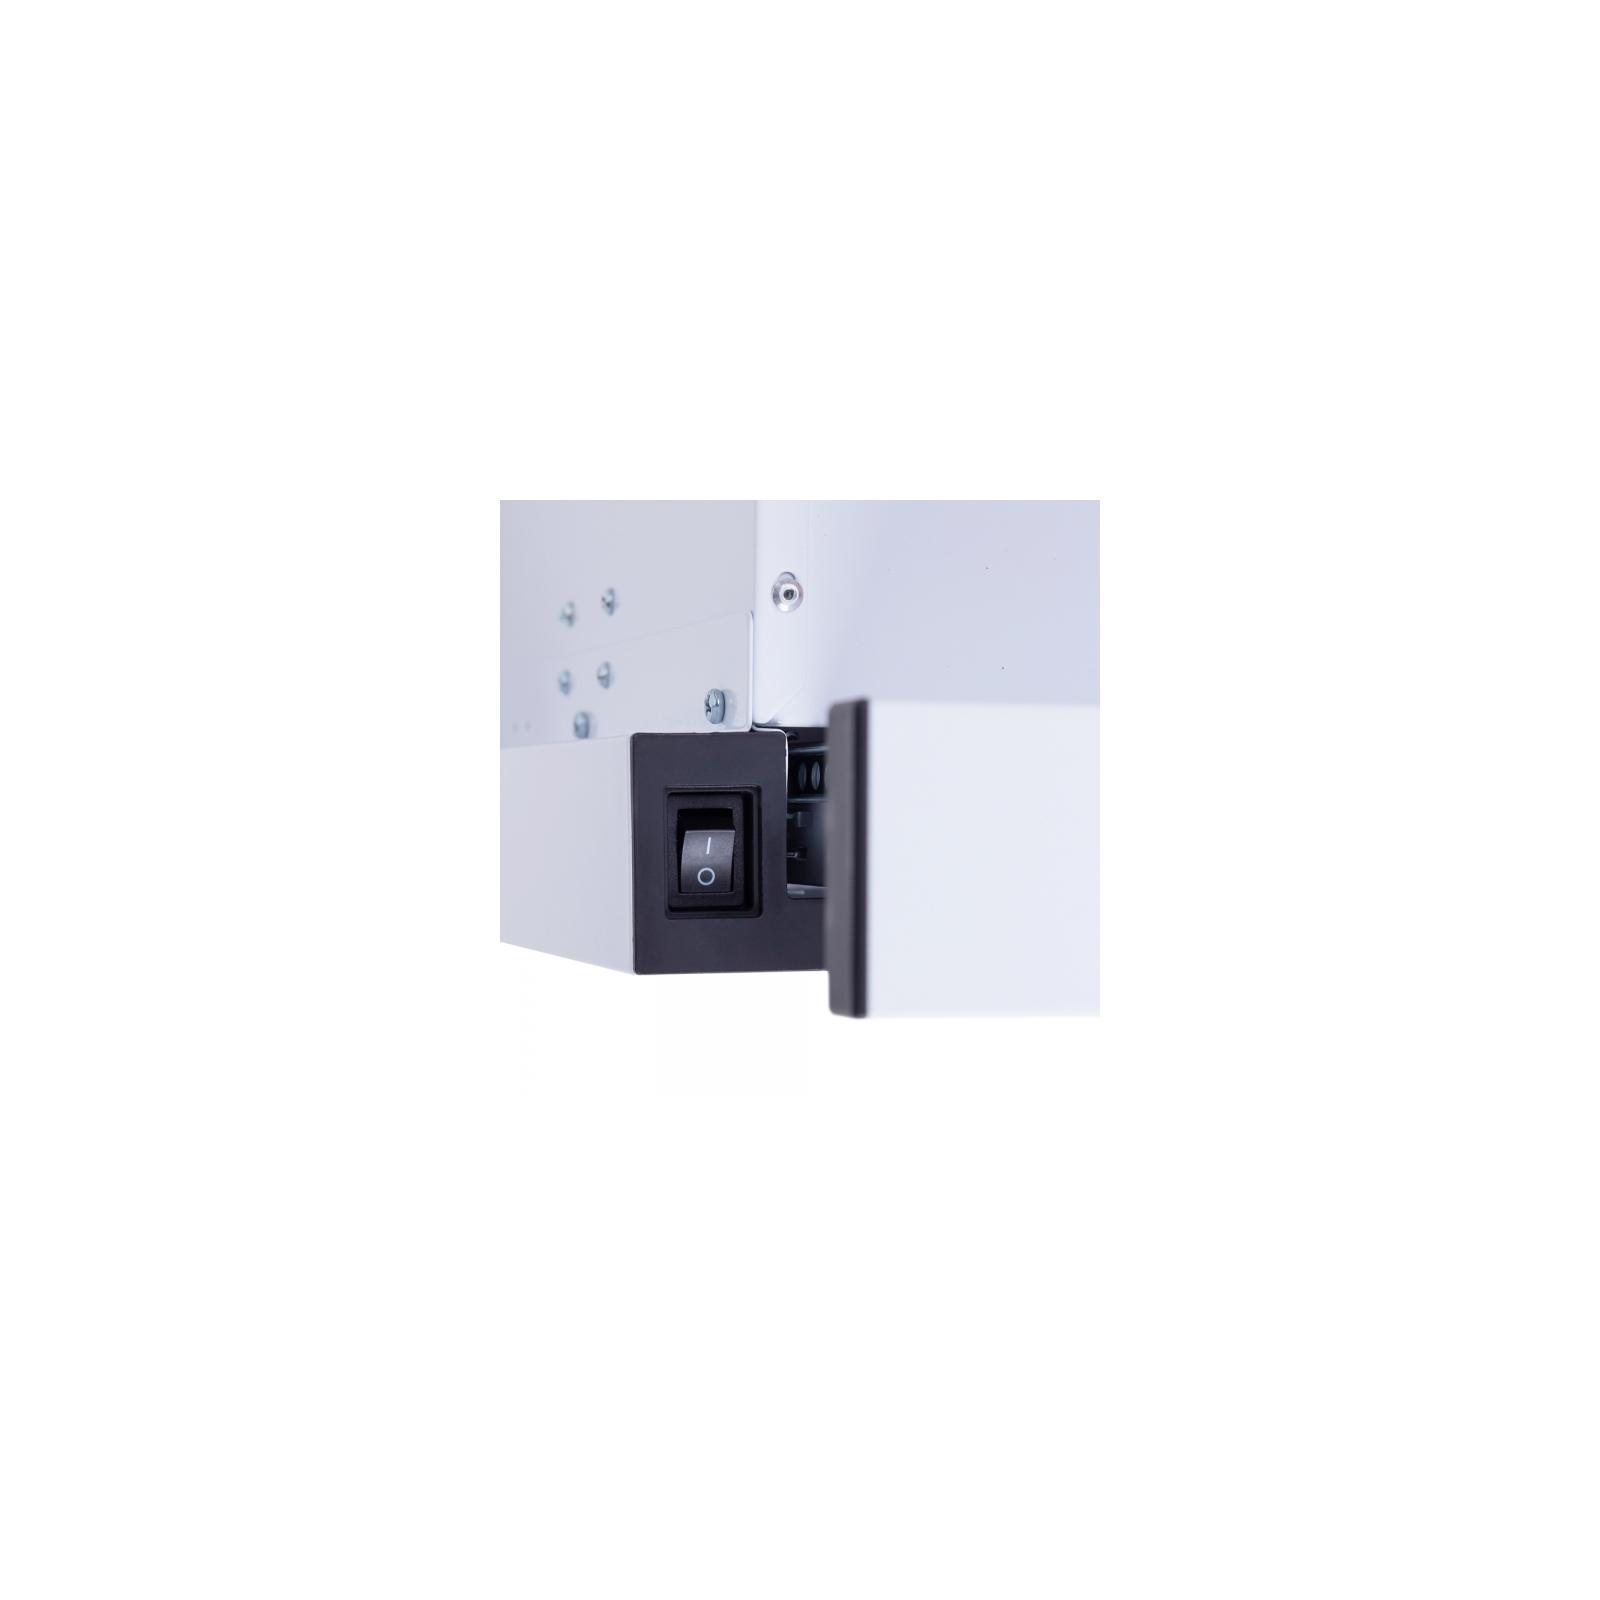 Вытяжка кухонная Minola HTL 5314 WH 750 LED изображение 10